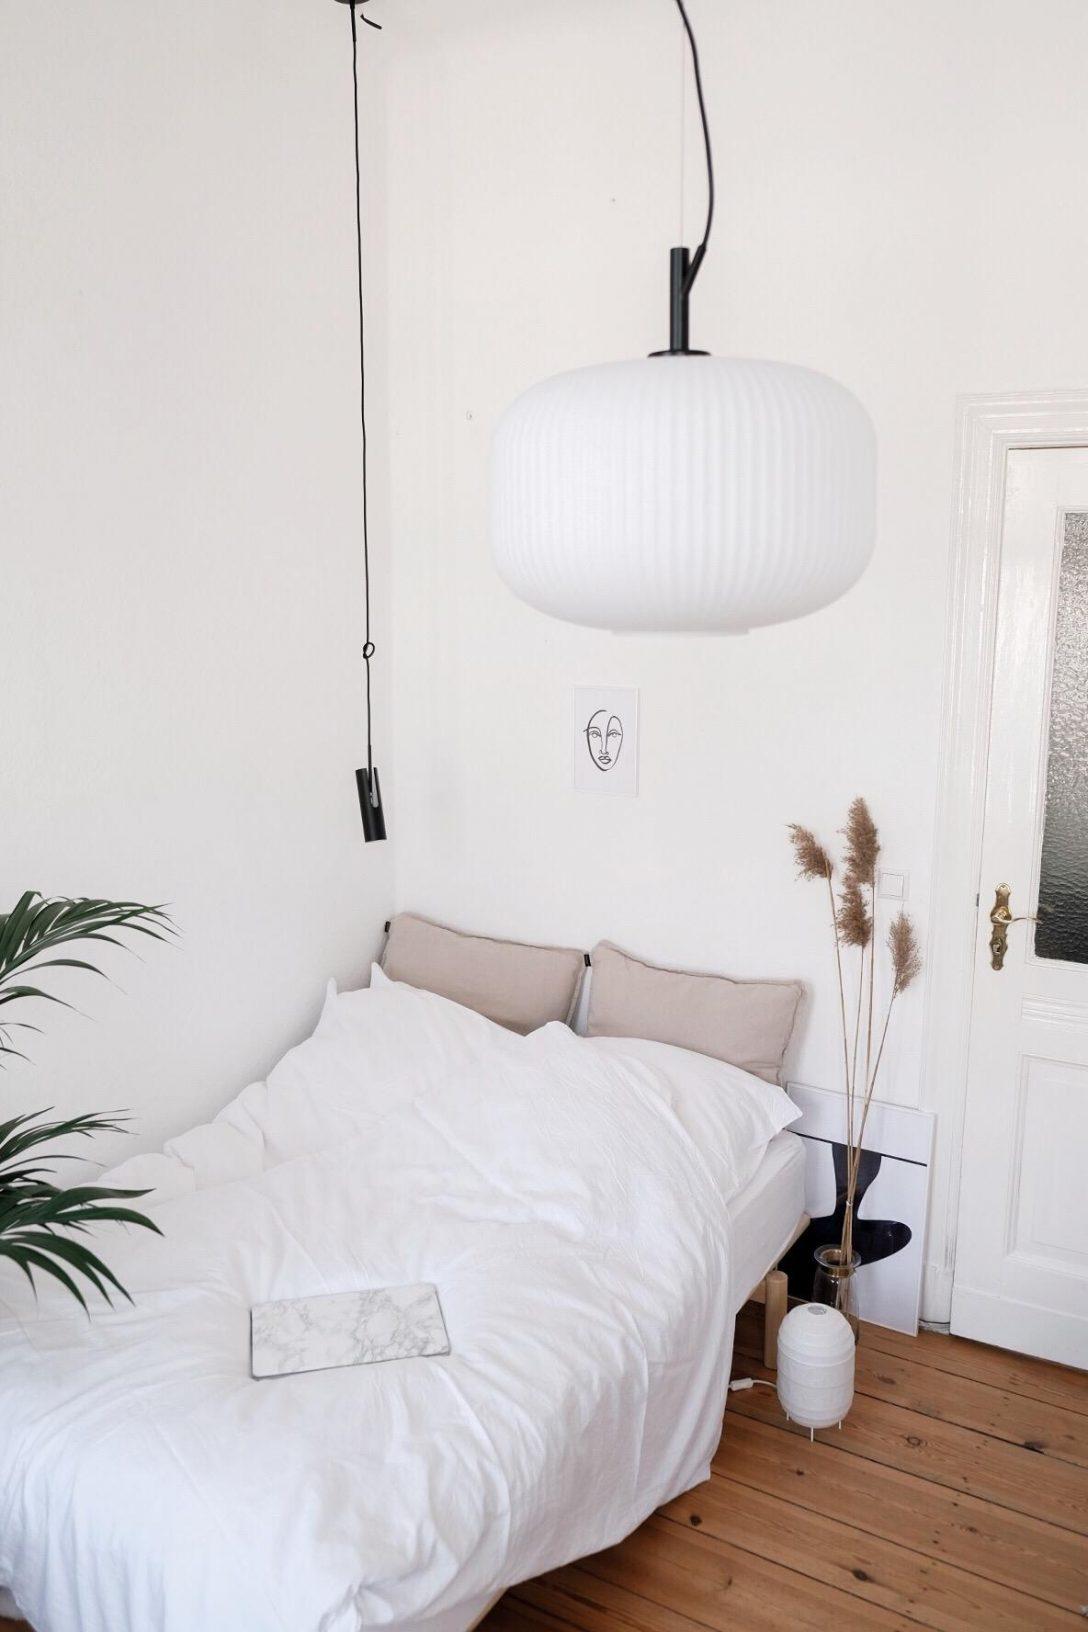 Large Size of Schlafzimmer Deckenleuchte Design Led Deckenleuchten Modern Obi Kaufen Dimmbar Ikea Tipps Und Wohnideen Aus Der Community Deckenlampe Günstig Wohnzimmer Deko Schlafzimmer Schlafzimmer Deckenleuchte